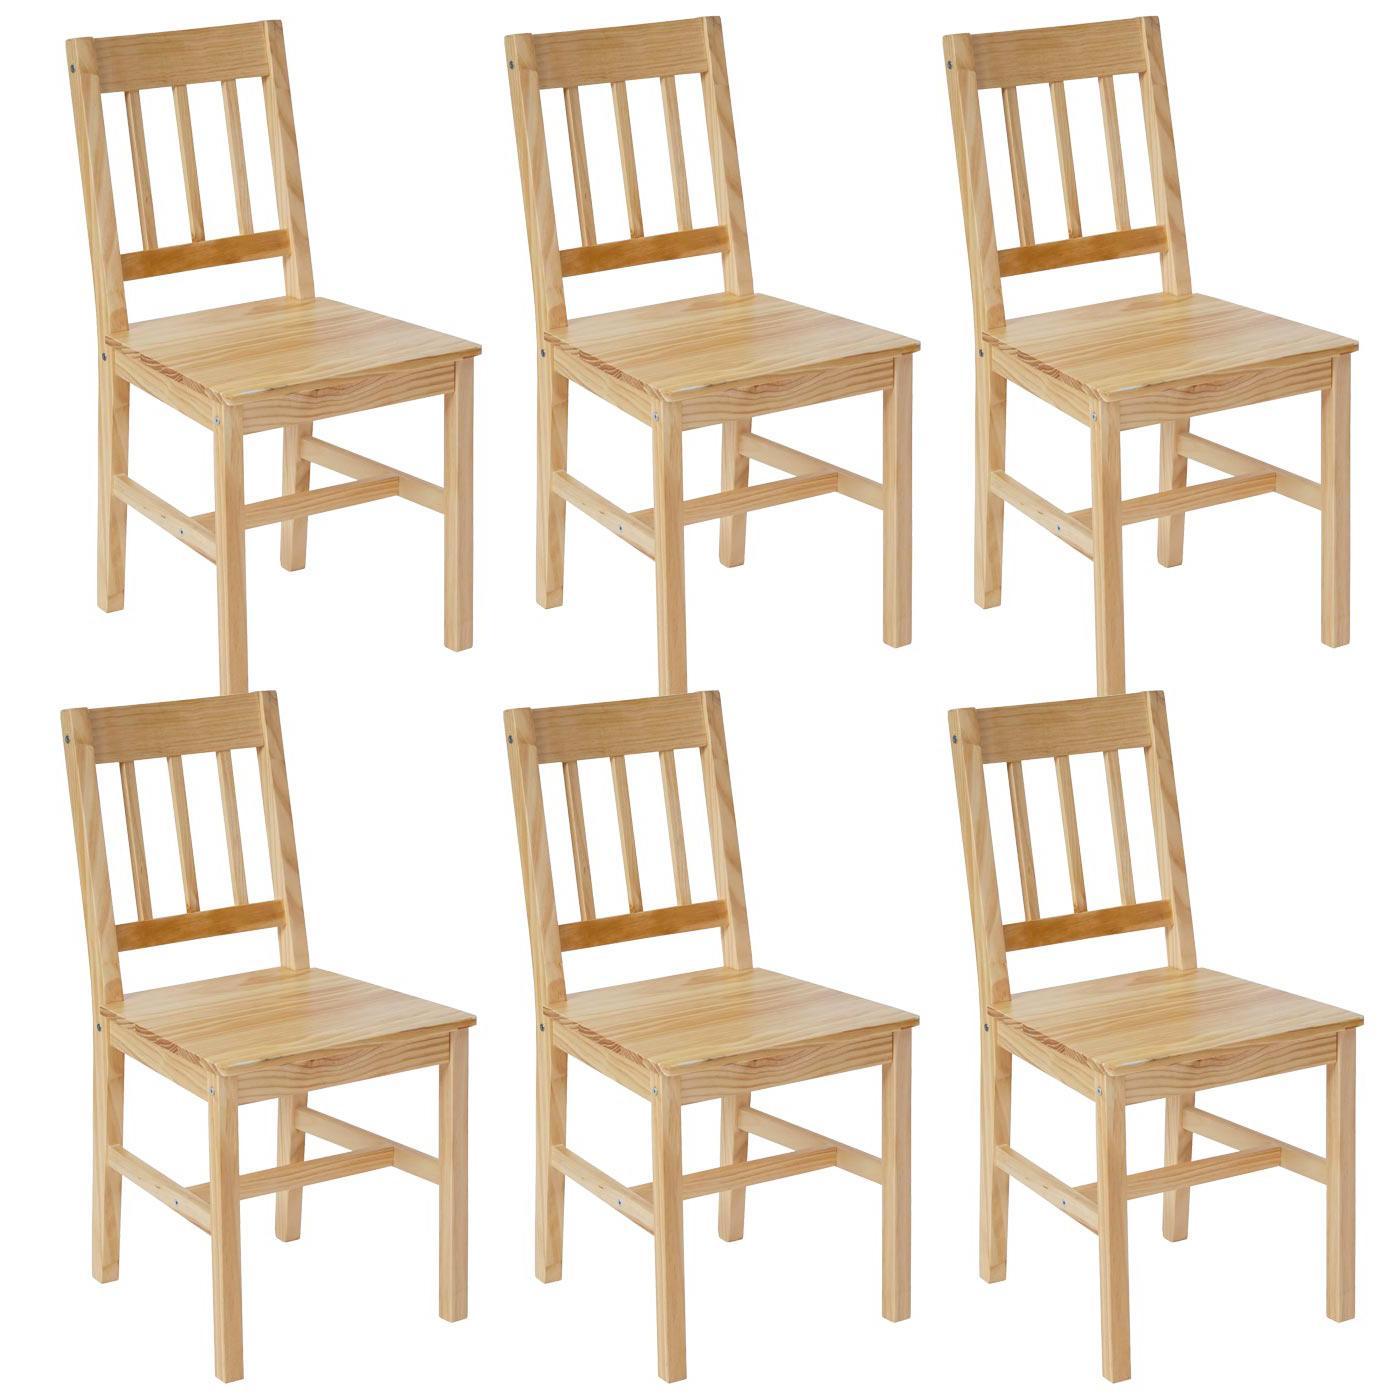 Lote 6 sillas de cocina o comedor nerja en marr n haya for Sillas comedor marron